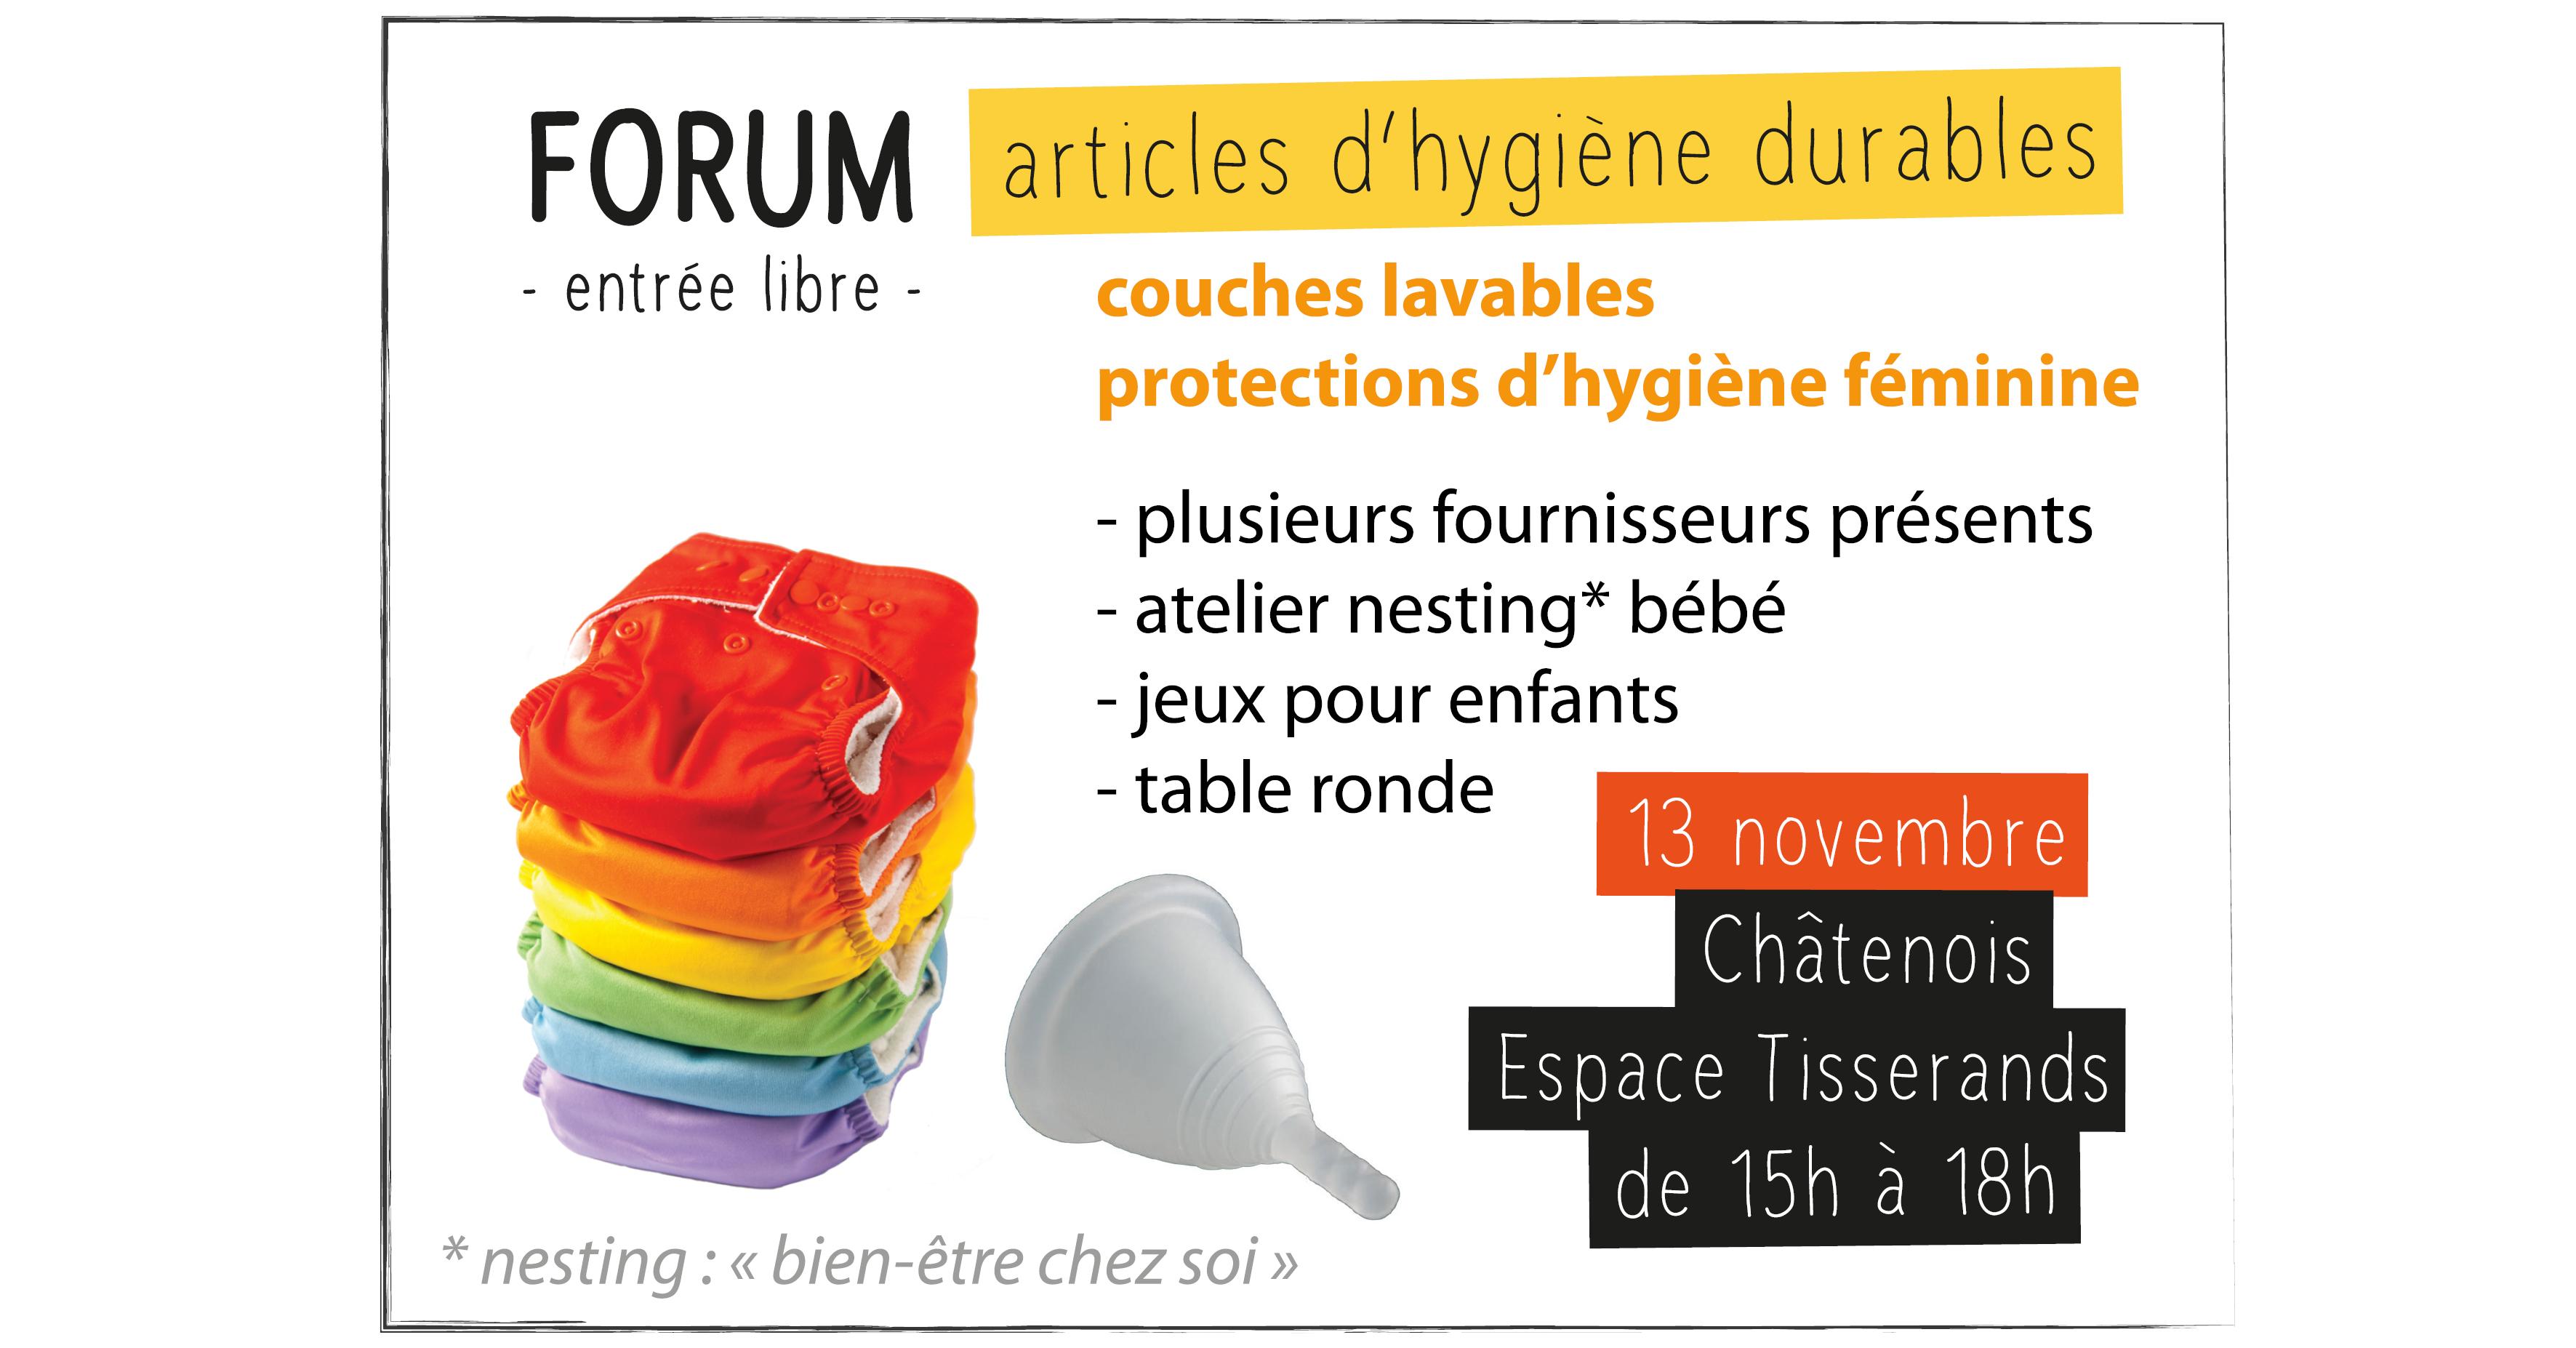 Forum articles hygiène durables